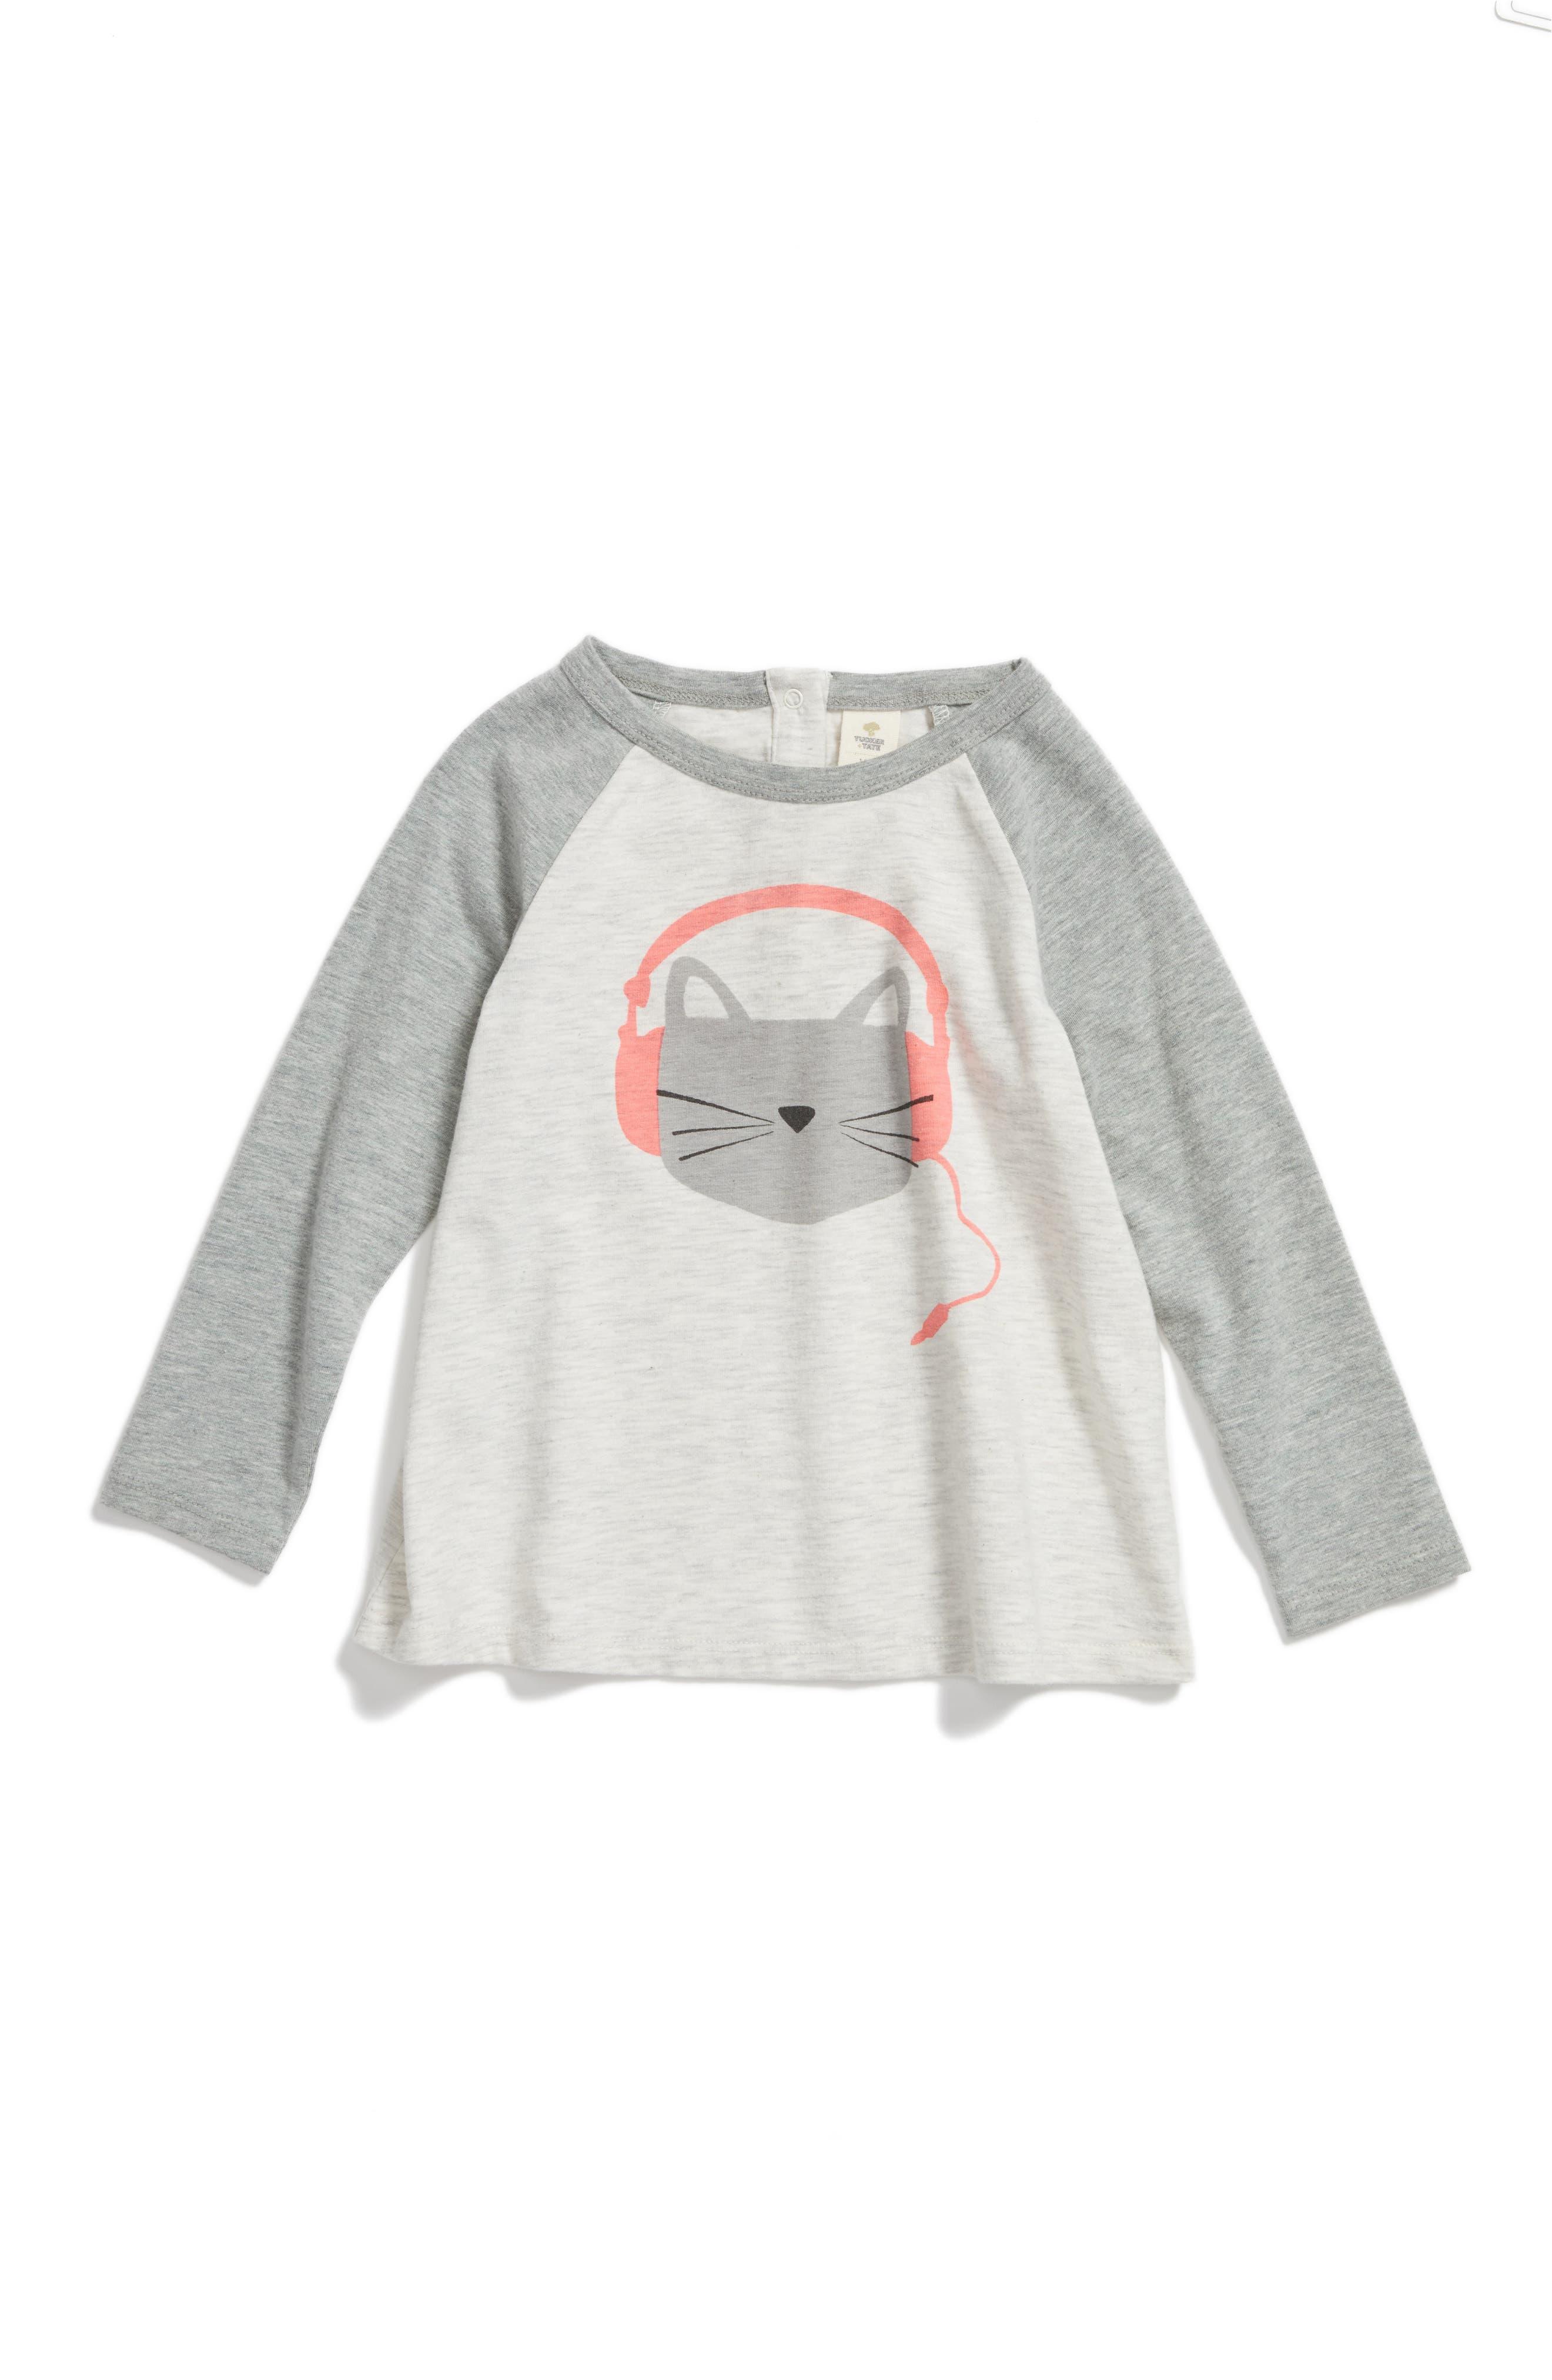 Main Image - Tucker + Tate Cat Graphic Tee (Baby Girls)